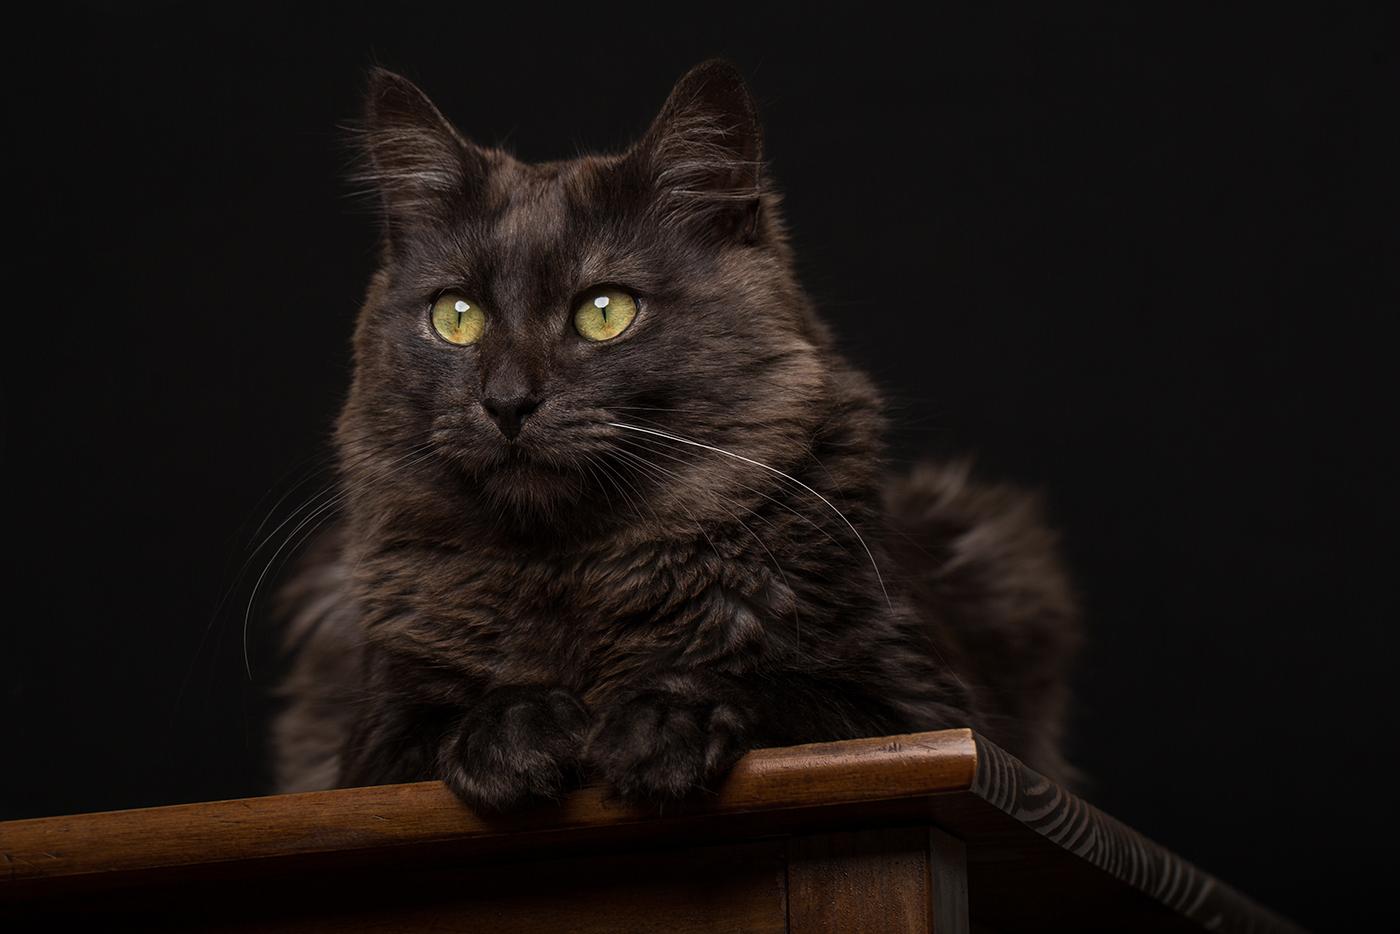 photographe-animalier-chat-poitiers-guillaume-heraud-20